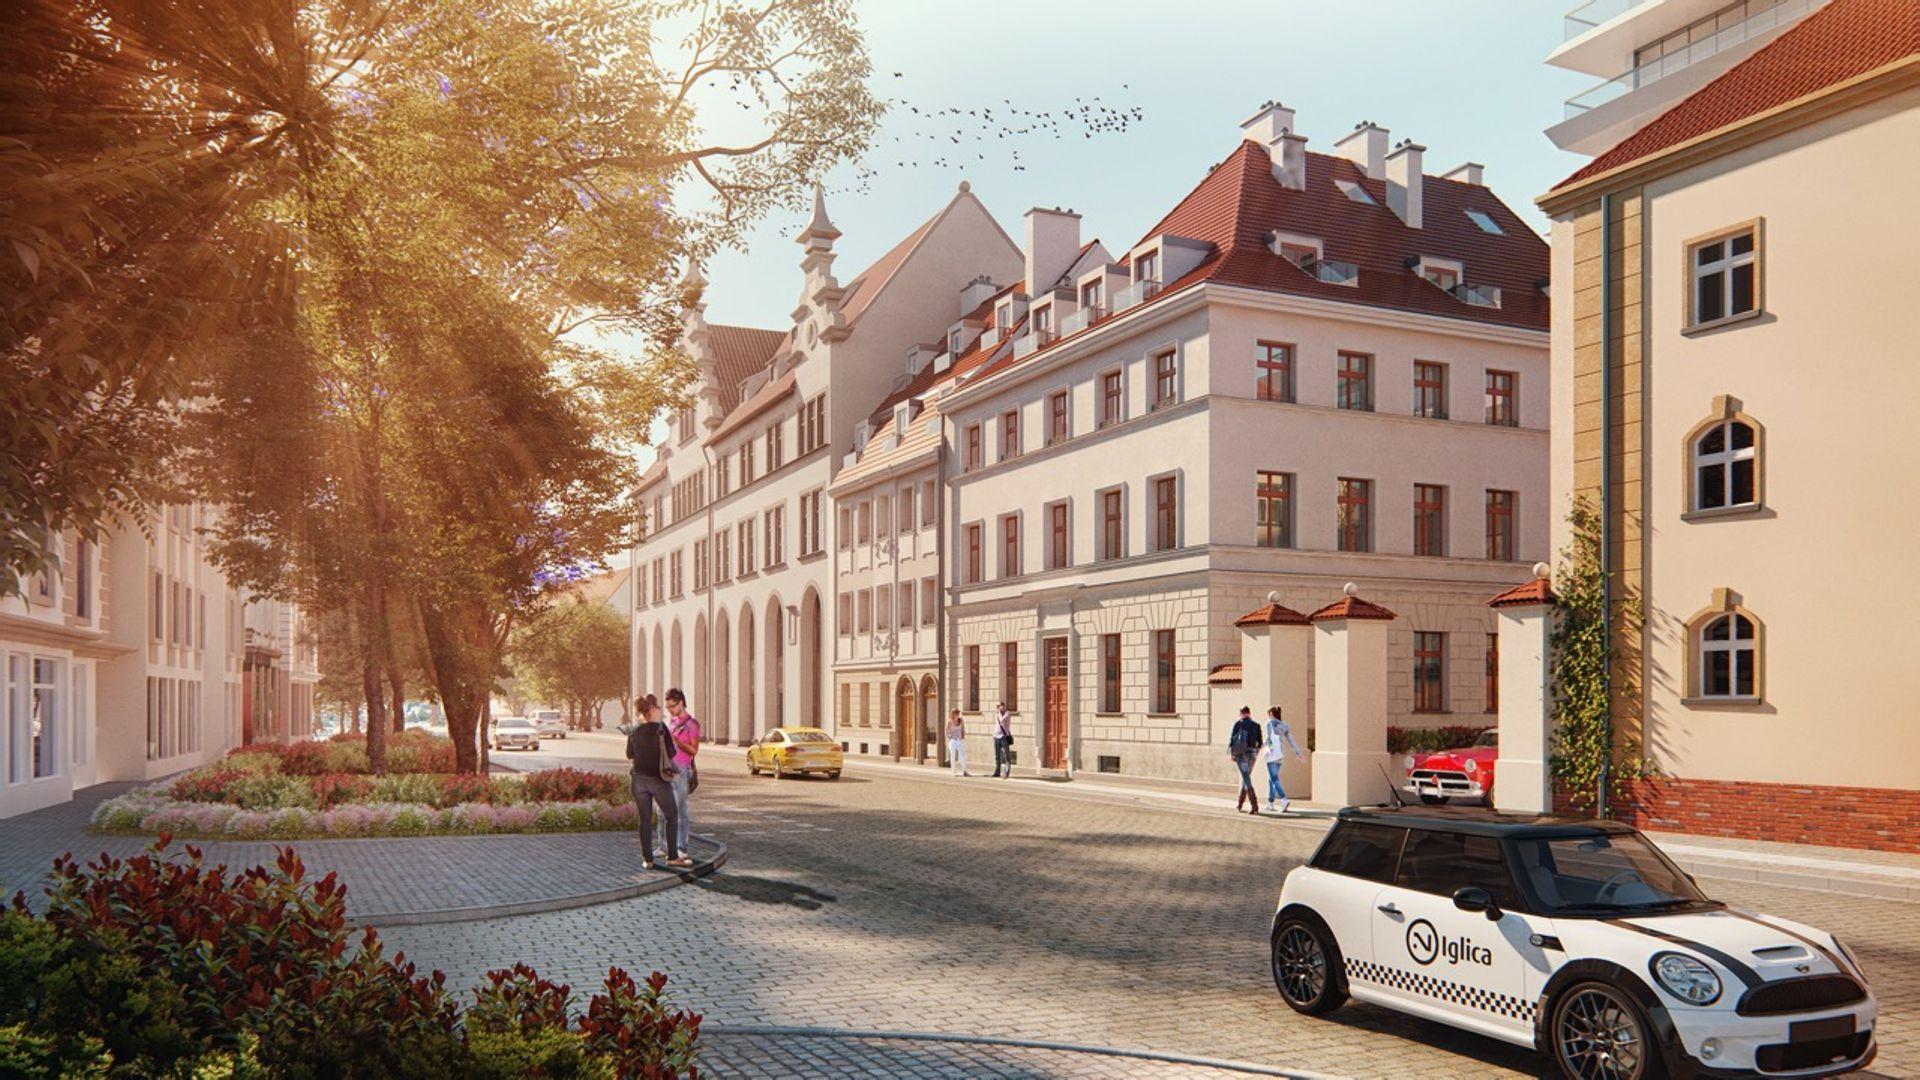 Wrocław: Kamienice Księcia Witolda – Castellum rewitalizuje zabytki na Kępie Mieszczańskiej